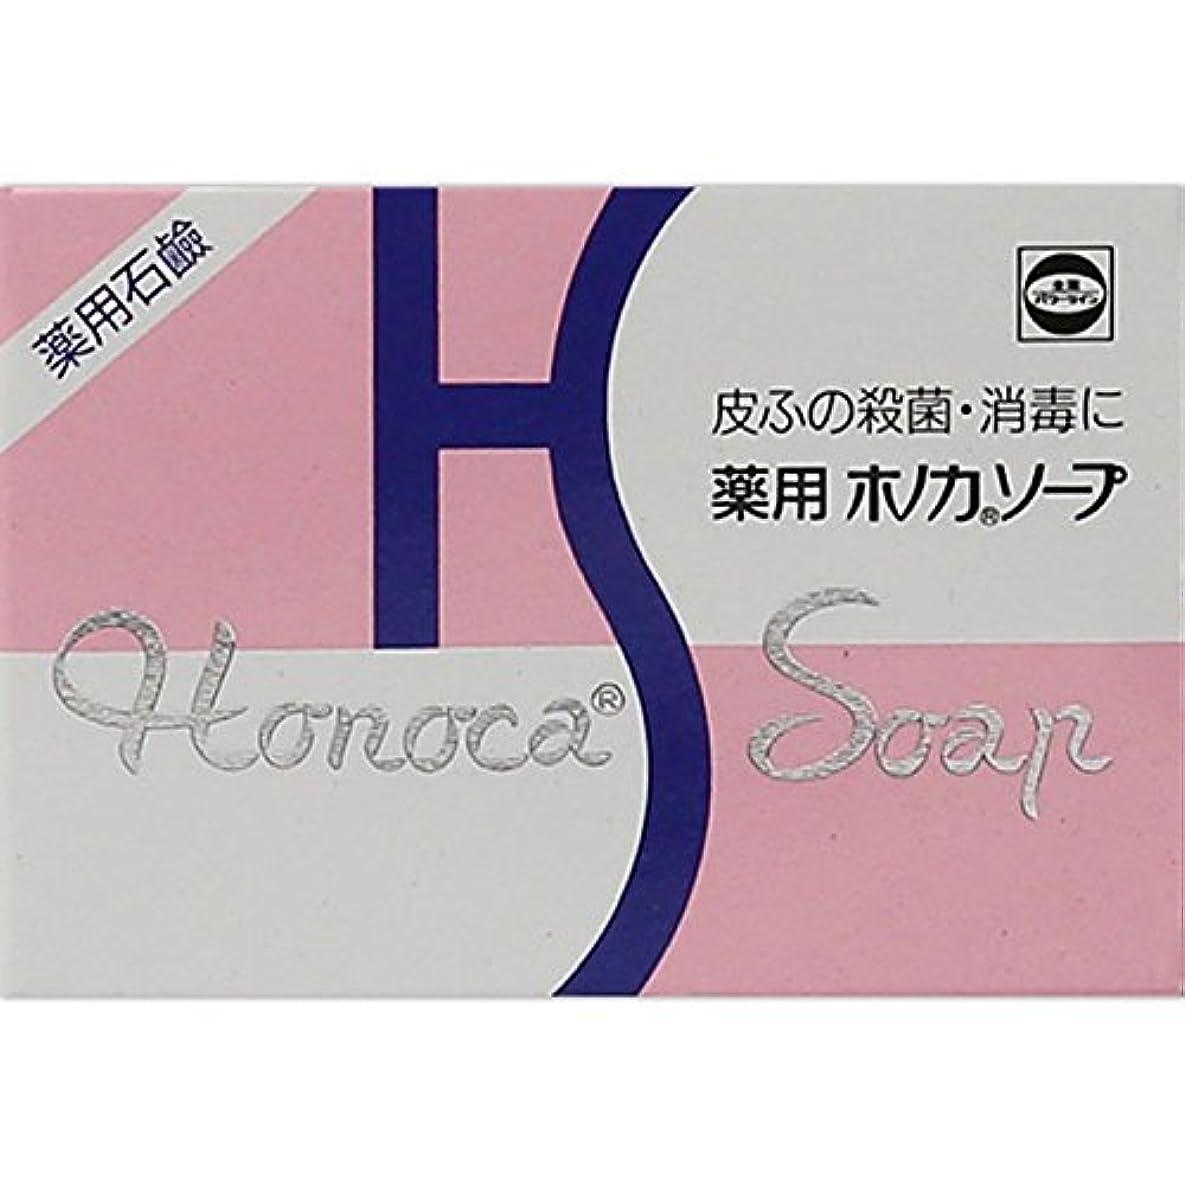 拍手する膿瘍明確な薬用ホノカソープ 80g